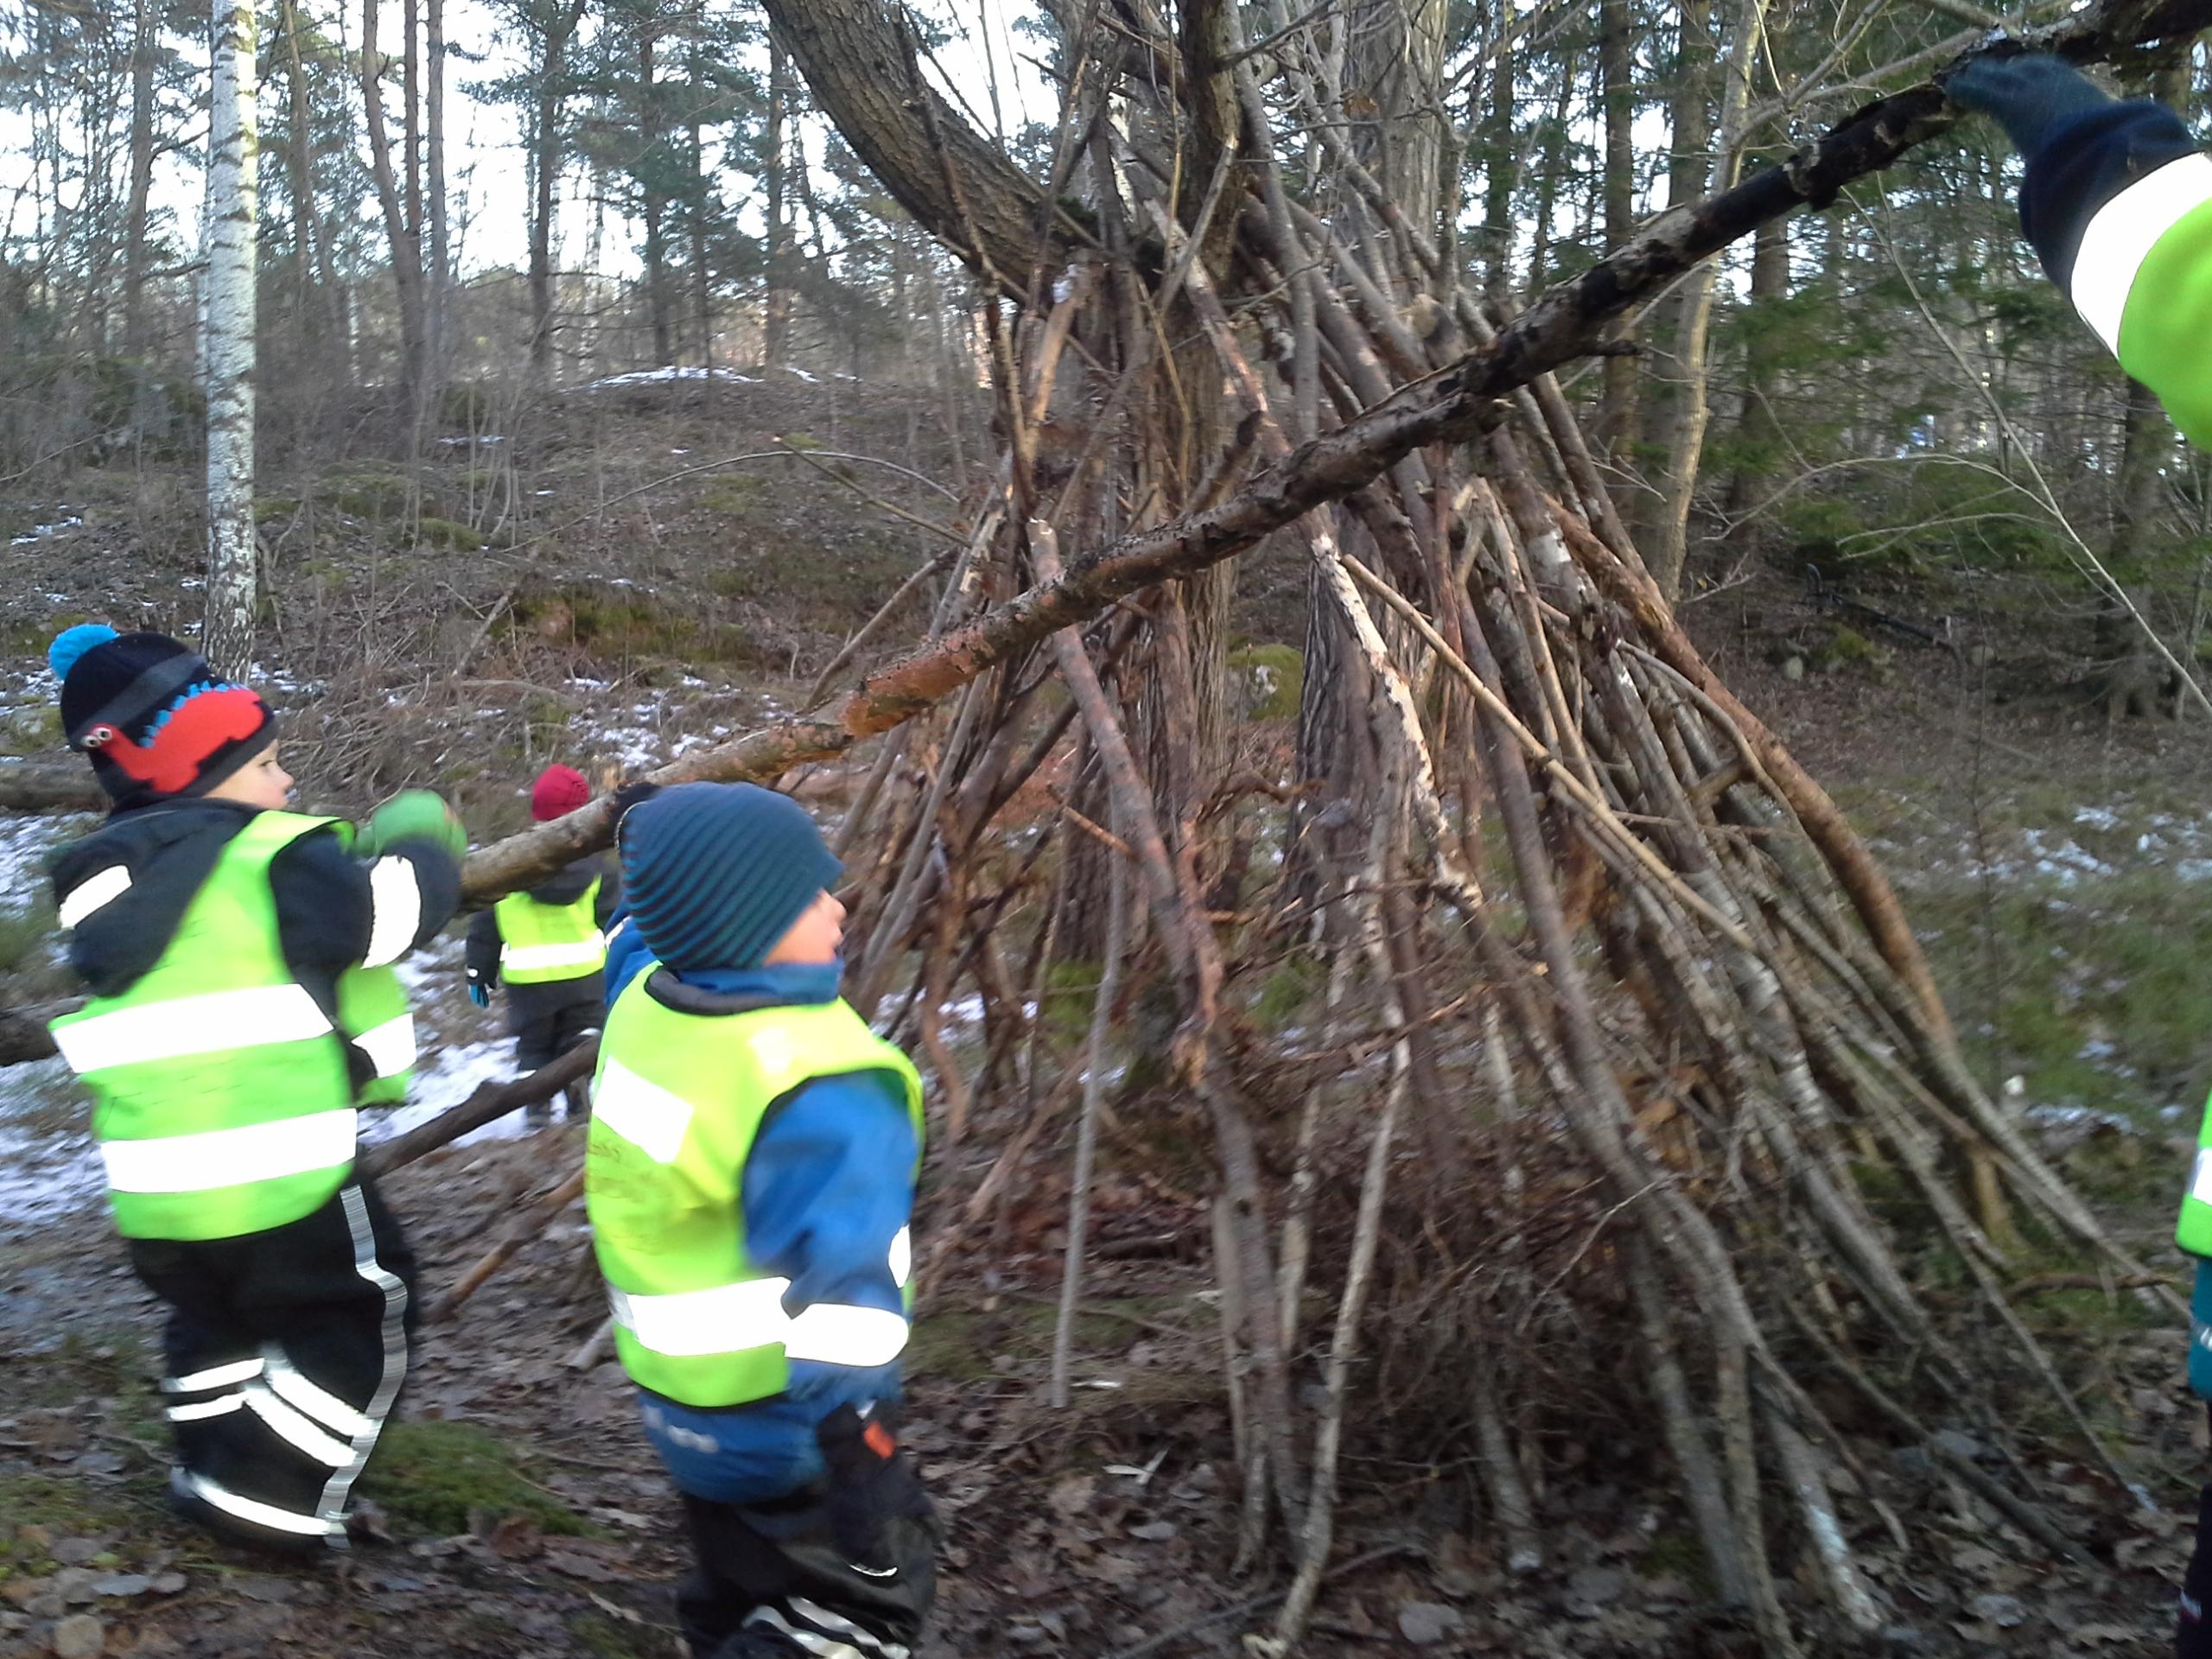 I december var vi i skogen och började på en koja. Vi började på den eftersom barnen var så sugna på lååååånga pinnar och vad gör man bäst med såna, om inte koja!